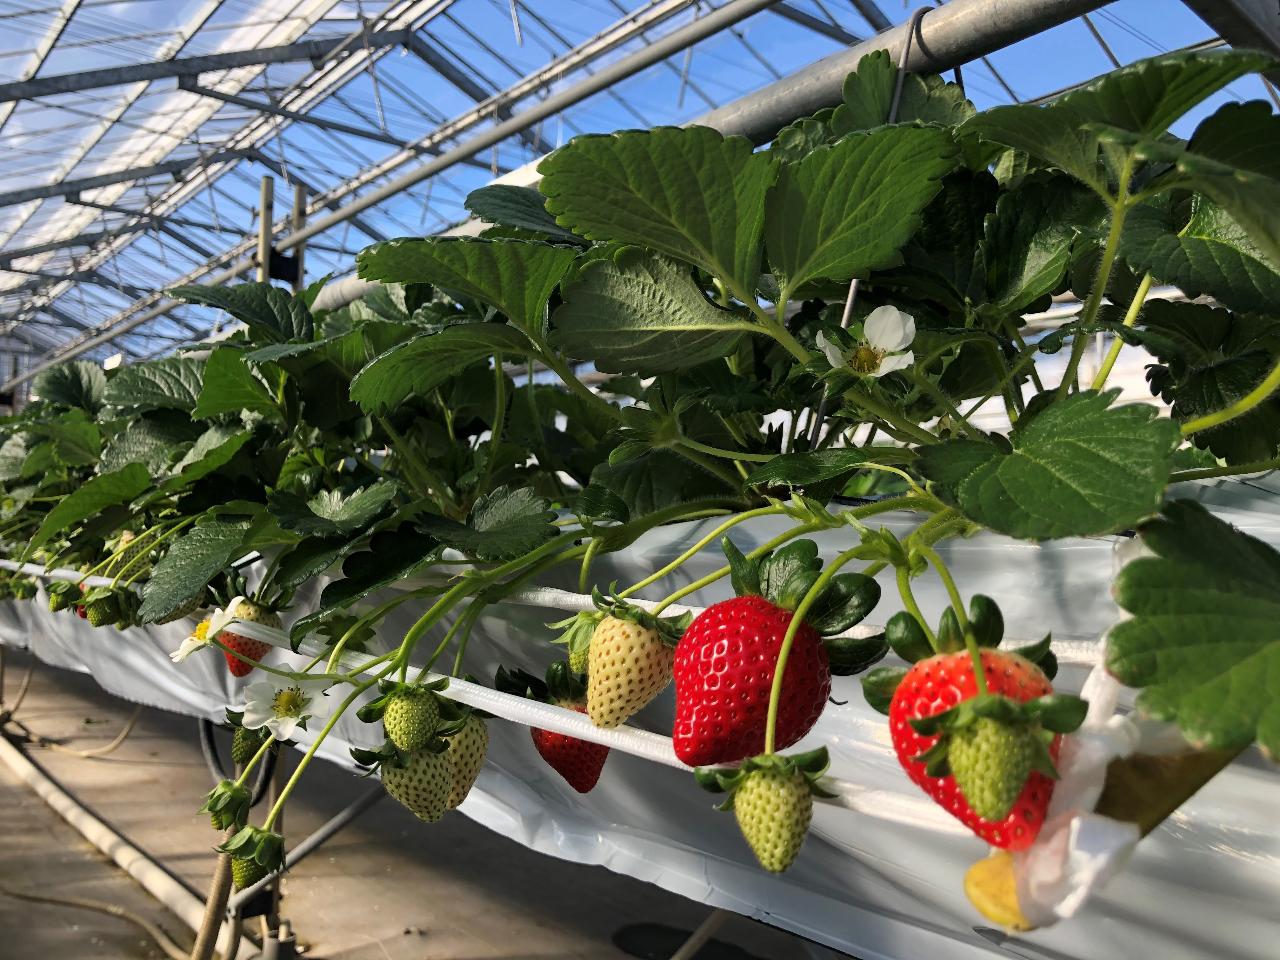 高設栽培なので、屈むことなく、いちごの摘み取りを楽しむ事が出来ます。